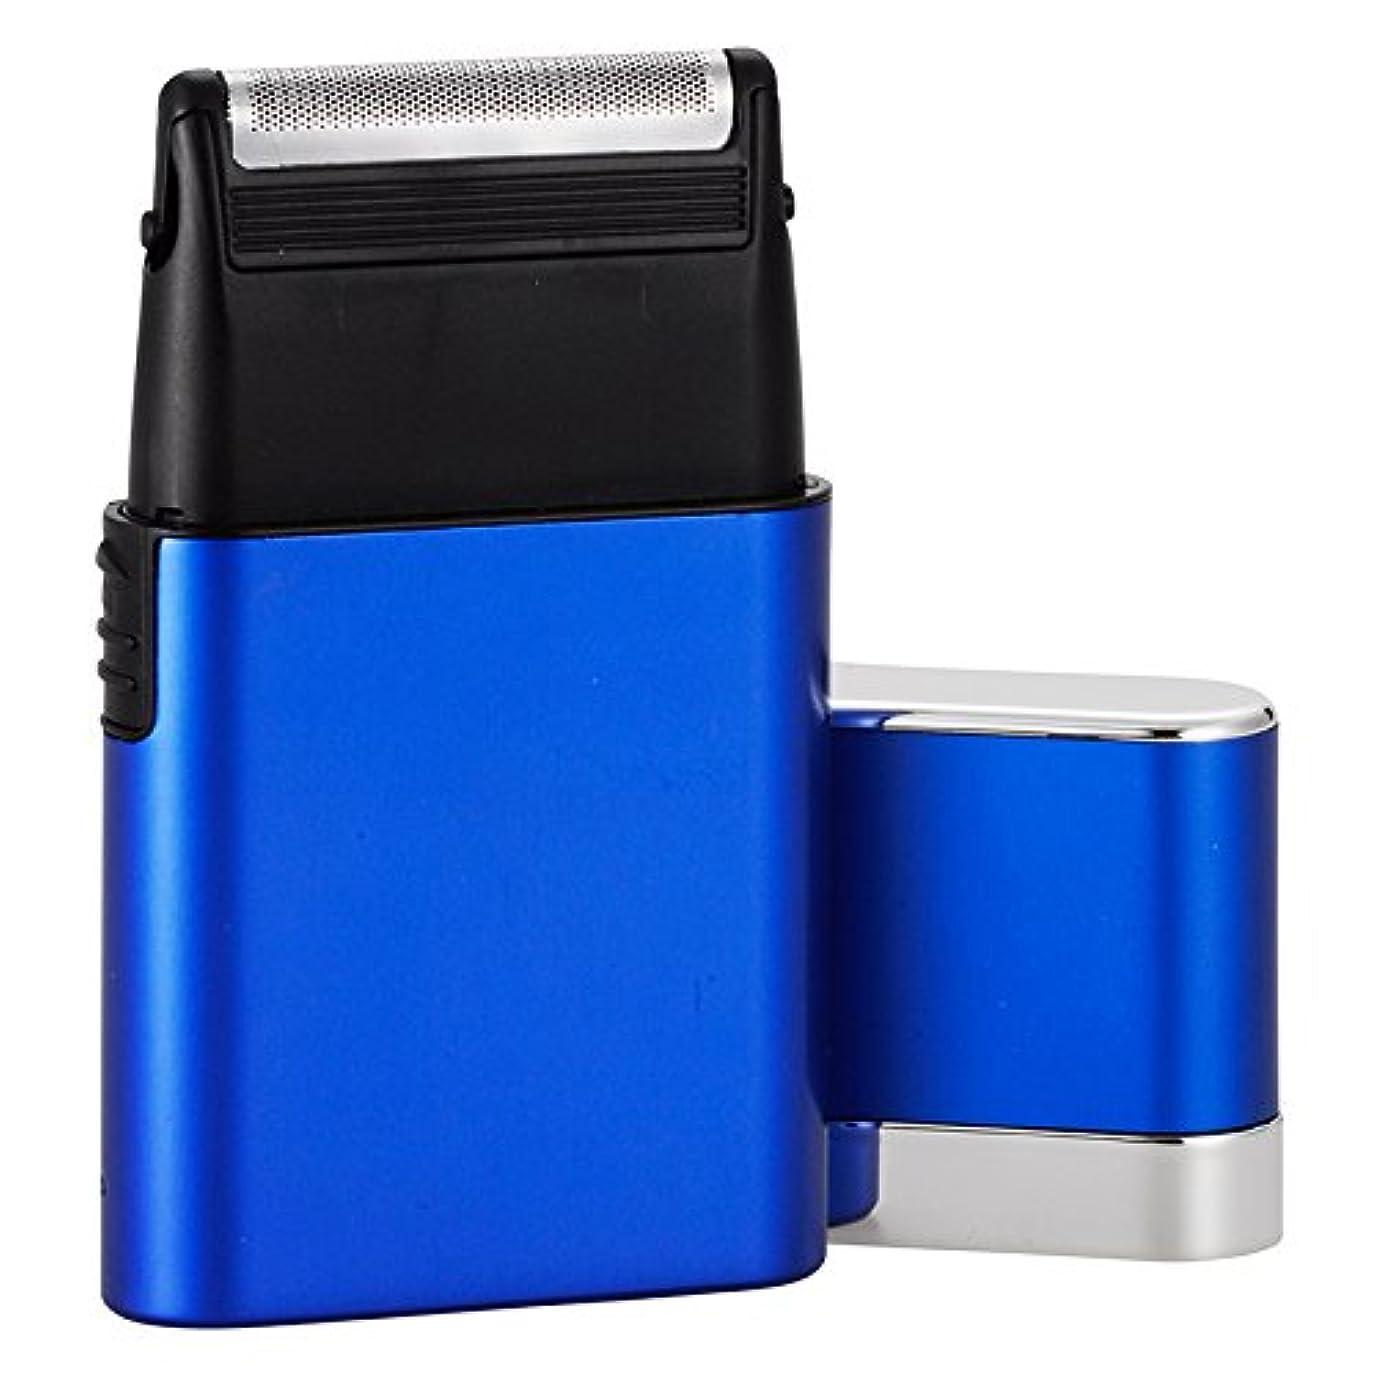 ヒステリック必要条件お別れアルミポケットシェーバー ブルー HB-SA170-A 00-8388